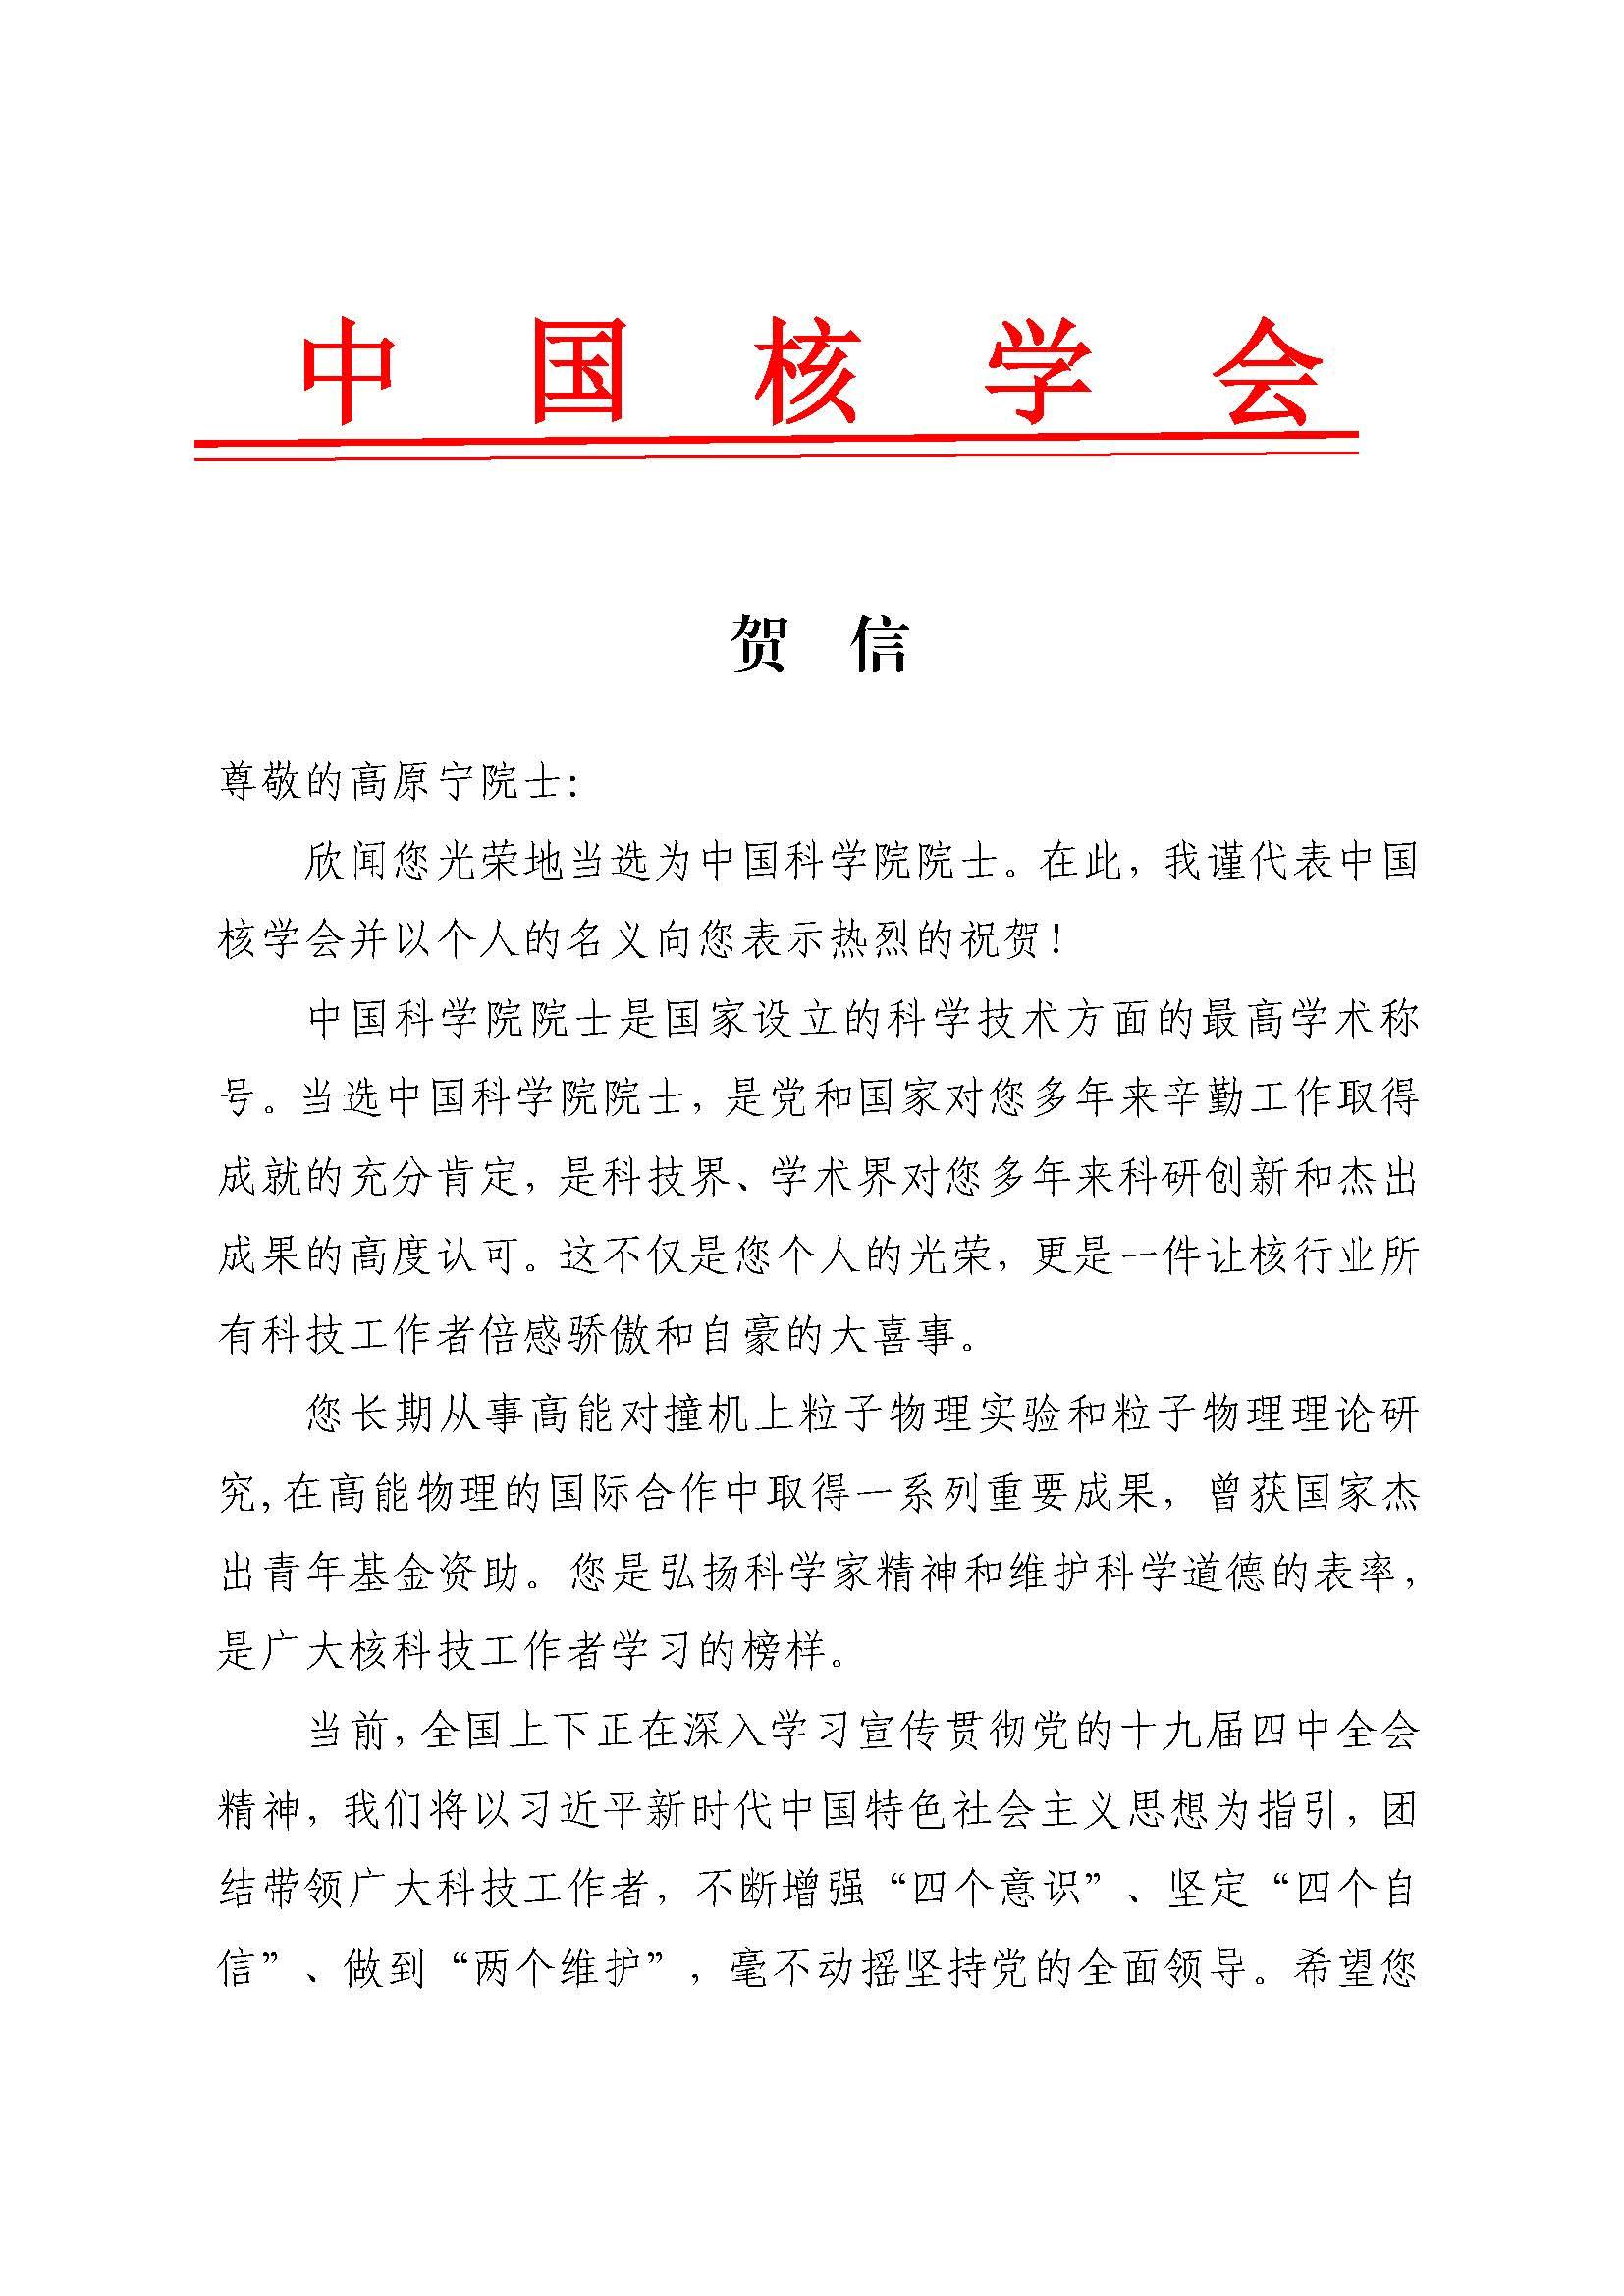 1-科学院贺信-高原宁_页面_1.jpg